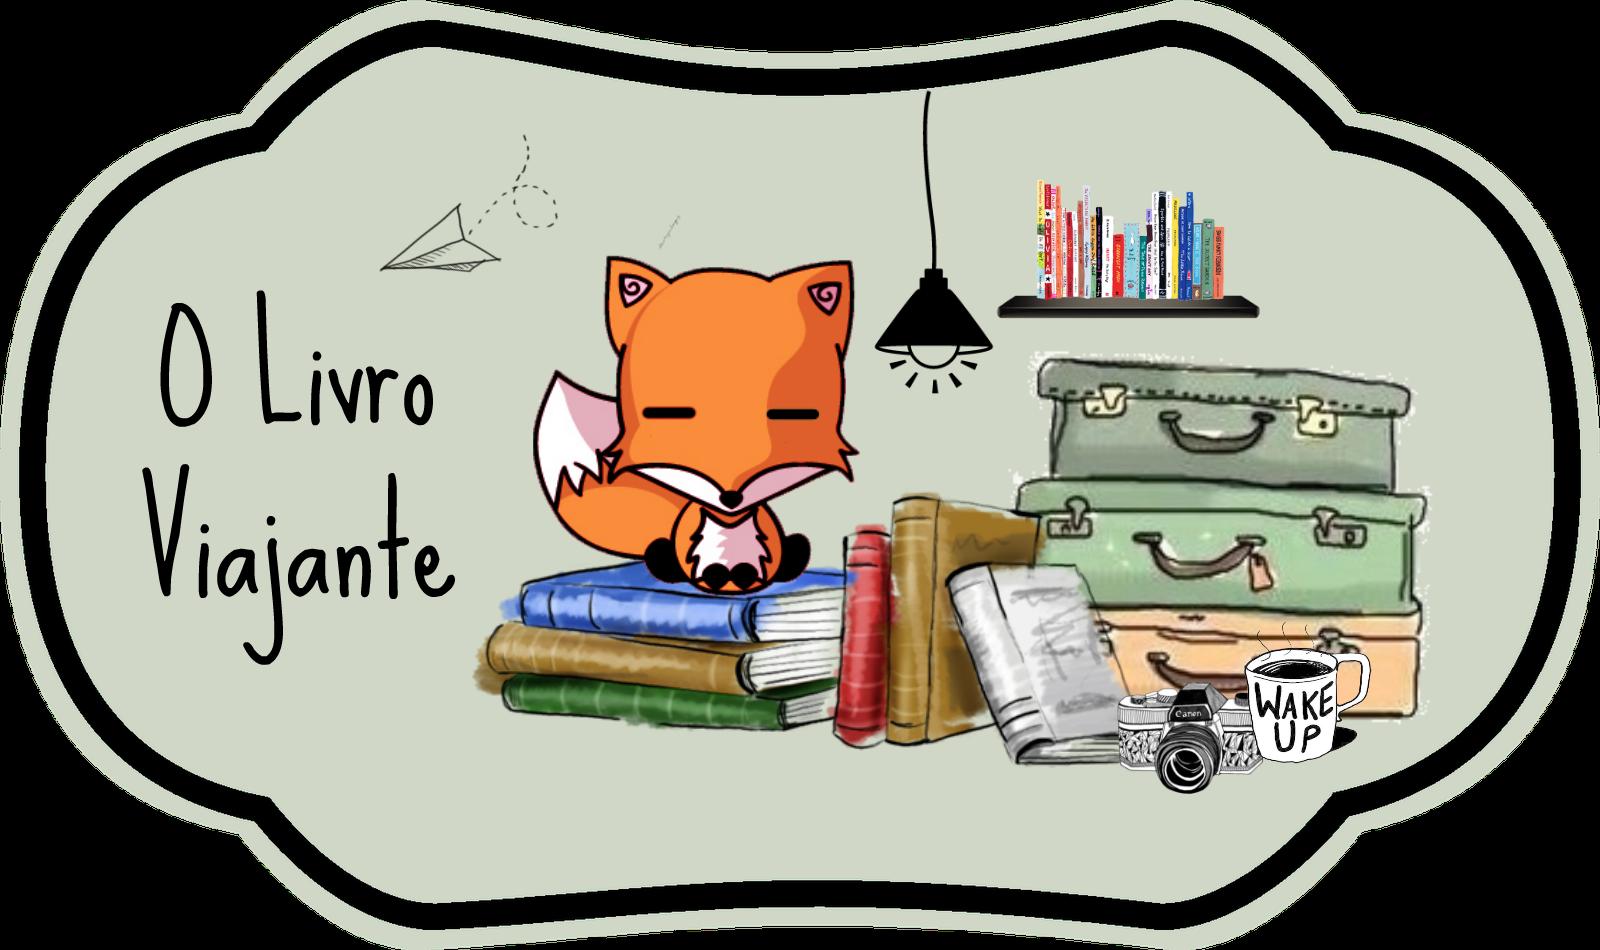 O Livro Viajante